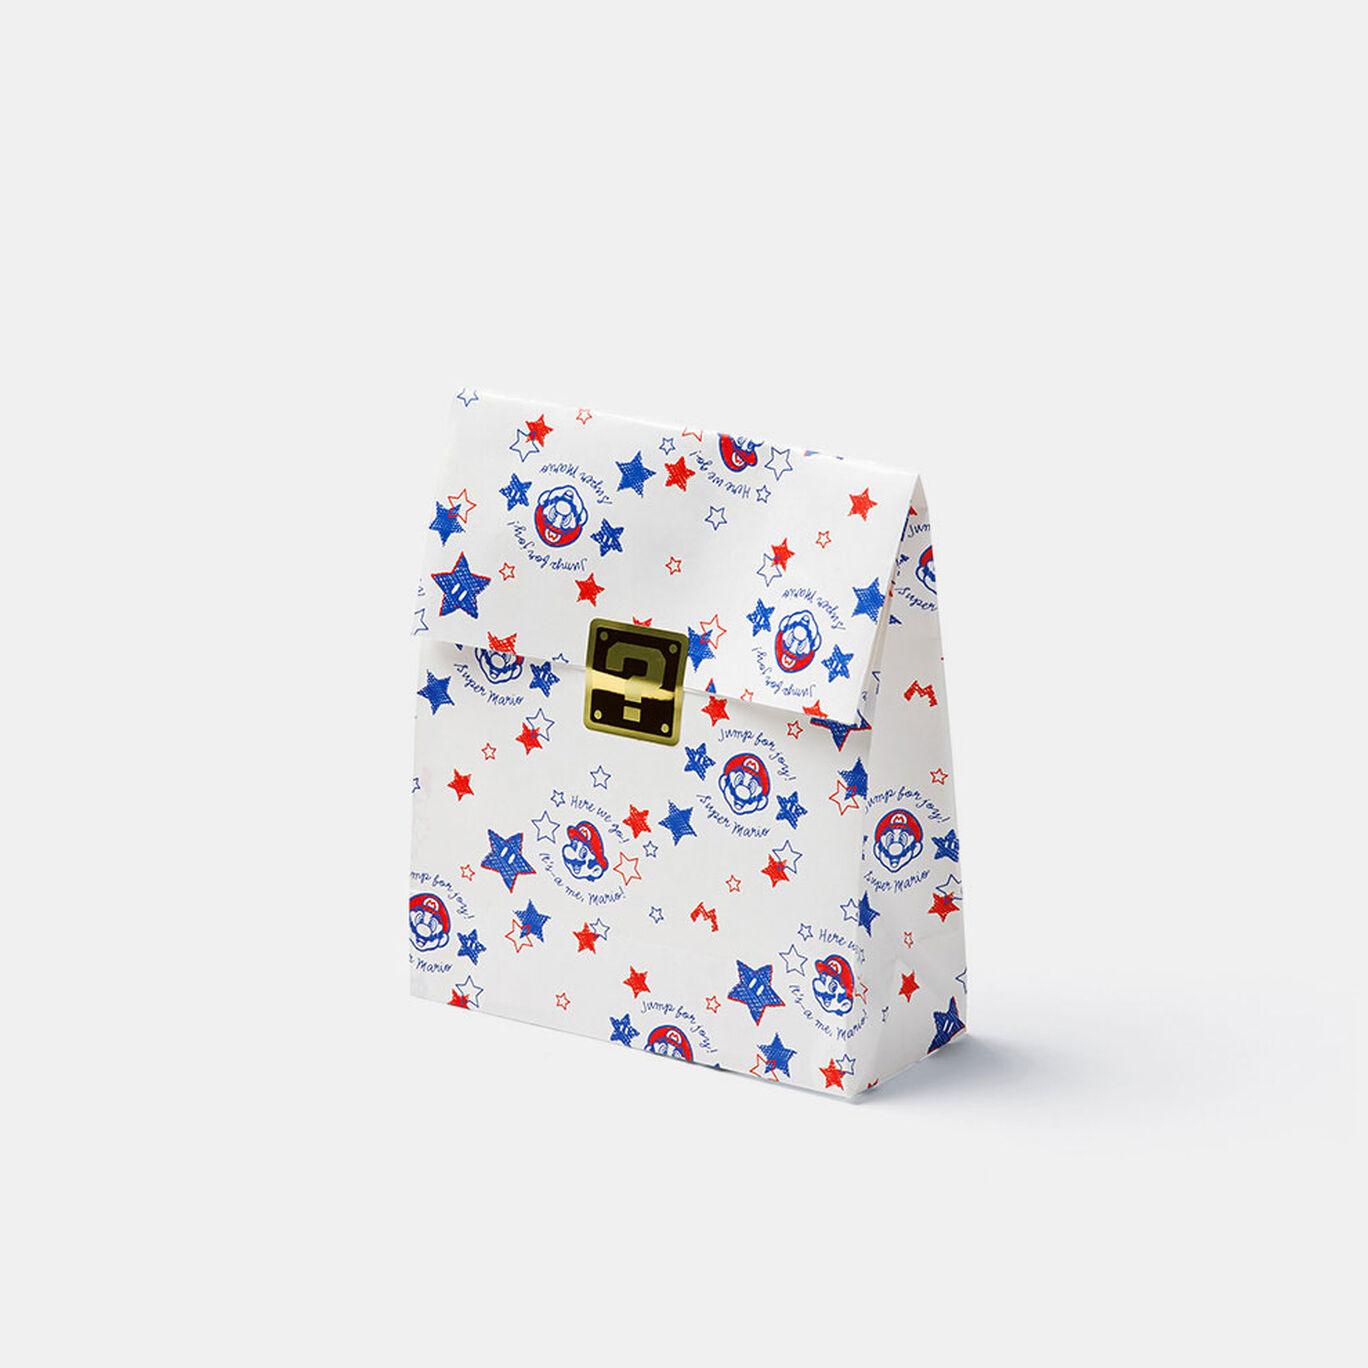 スーパーマリオ ギフト用ペーパーバッグ(4種)